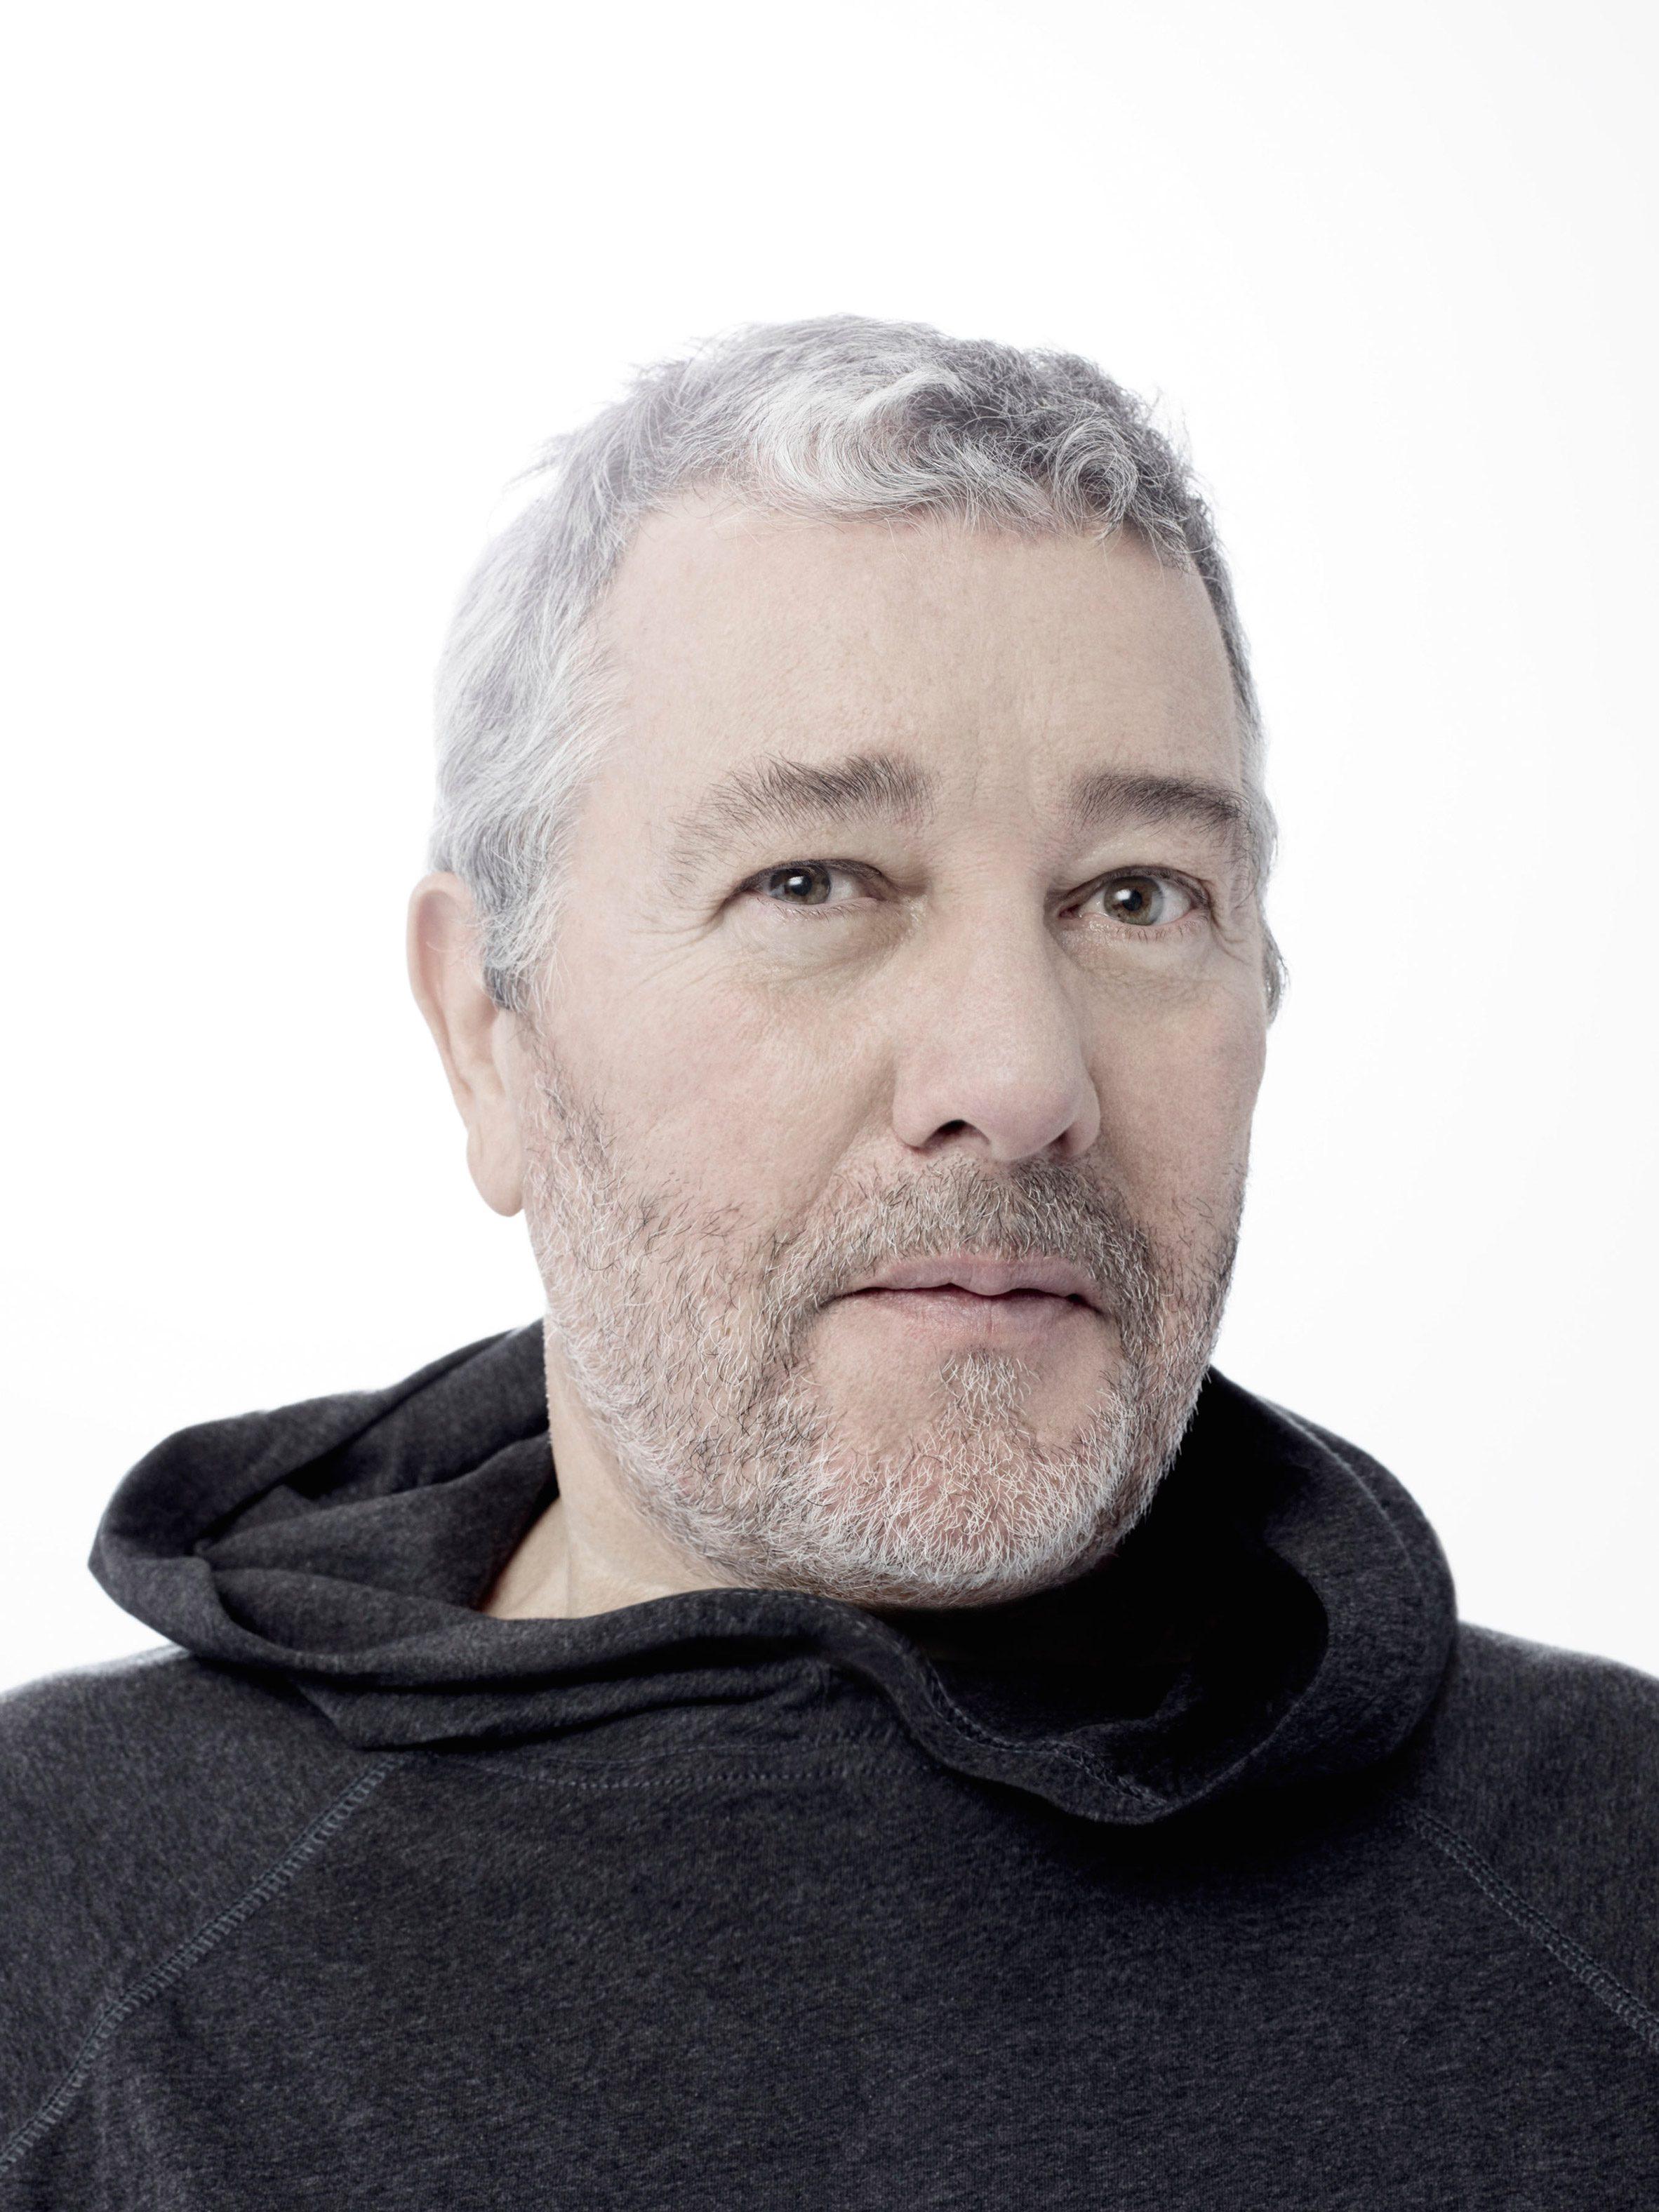 Cuplikan kepala Philippe Stark dengan tudung hitam